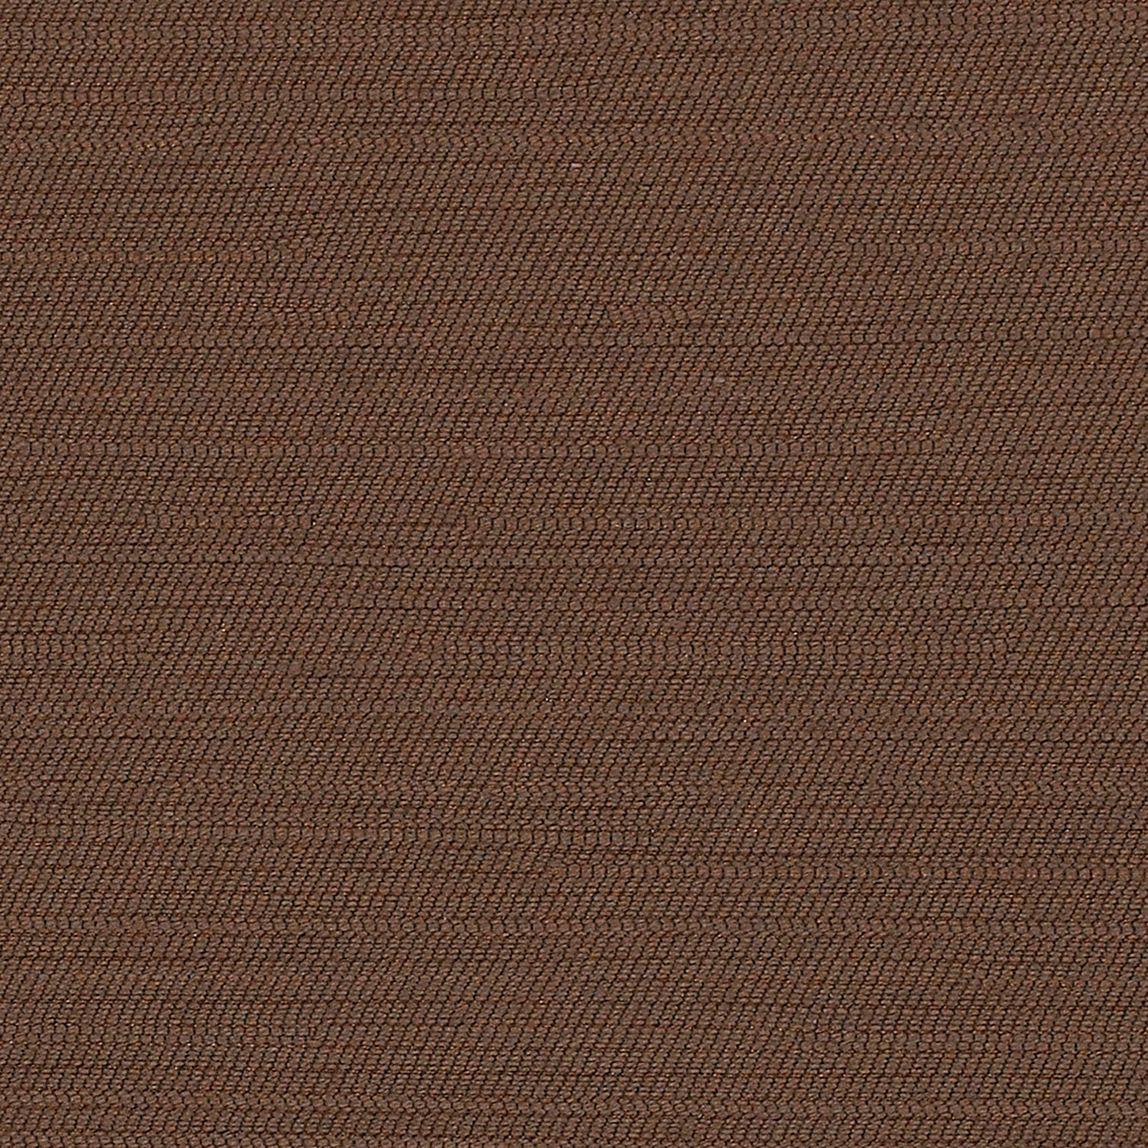 Weaving Palettes Oak Swatch